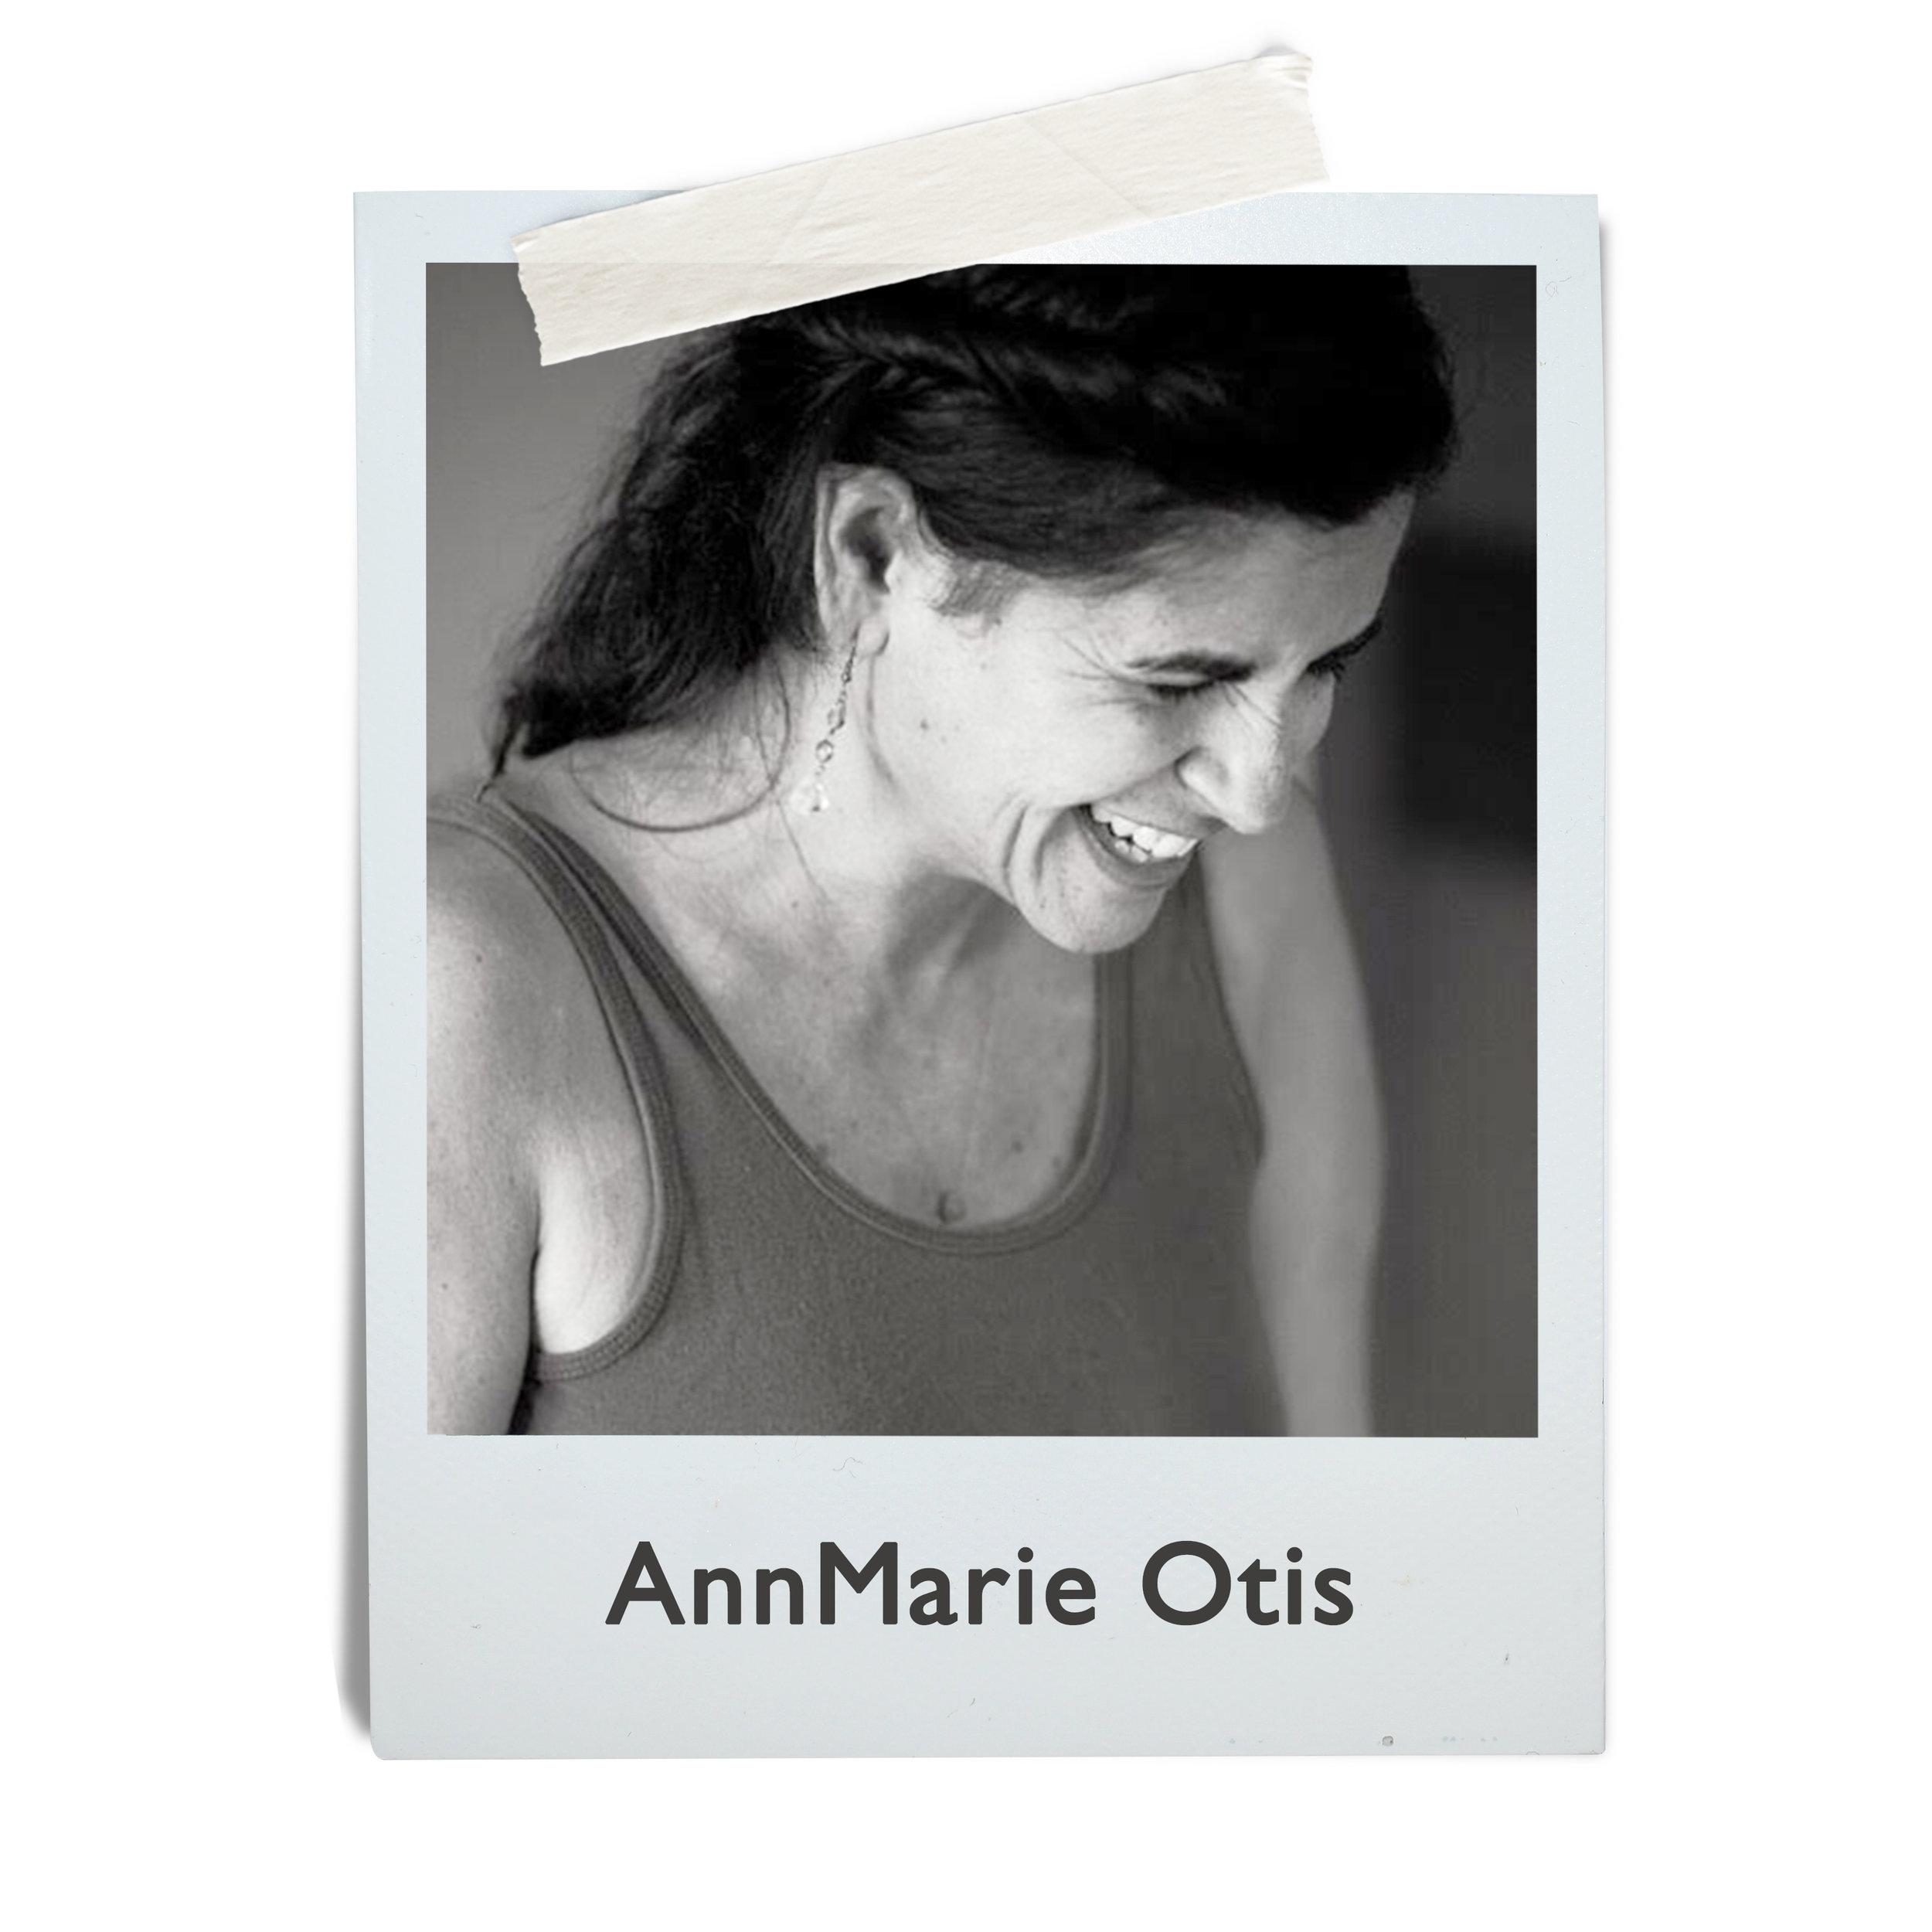 AnnMarie Otis